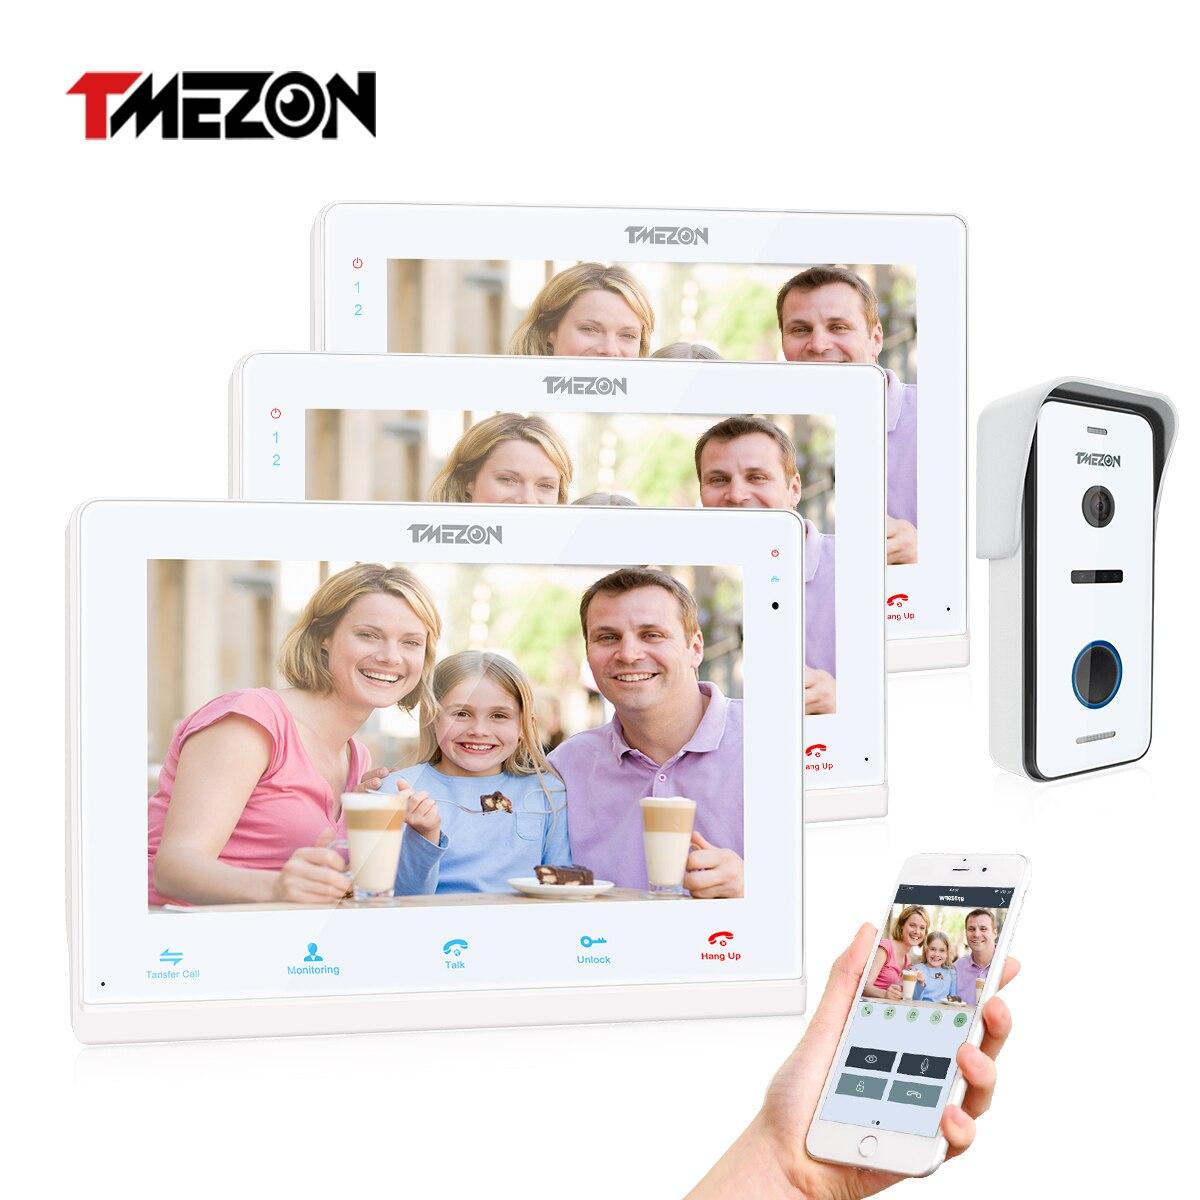 Умный видеодомофон Tuya TMEZON, беспроводной Wi-Fi дверной звонок, монитор 10 дюймов + 2x7 дюймов с проводным камера домофона 1x720P